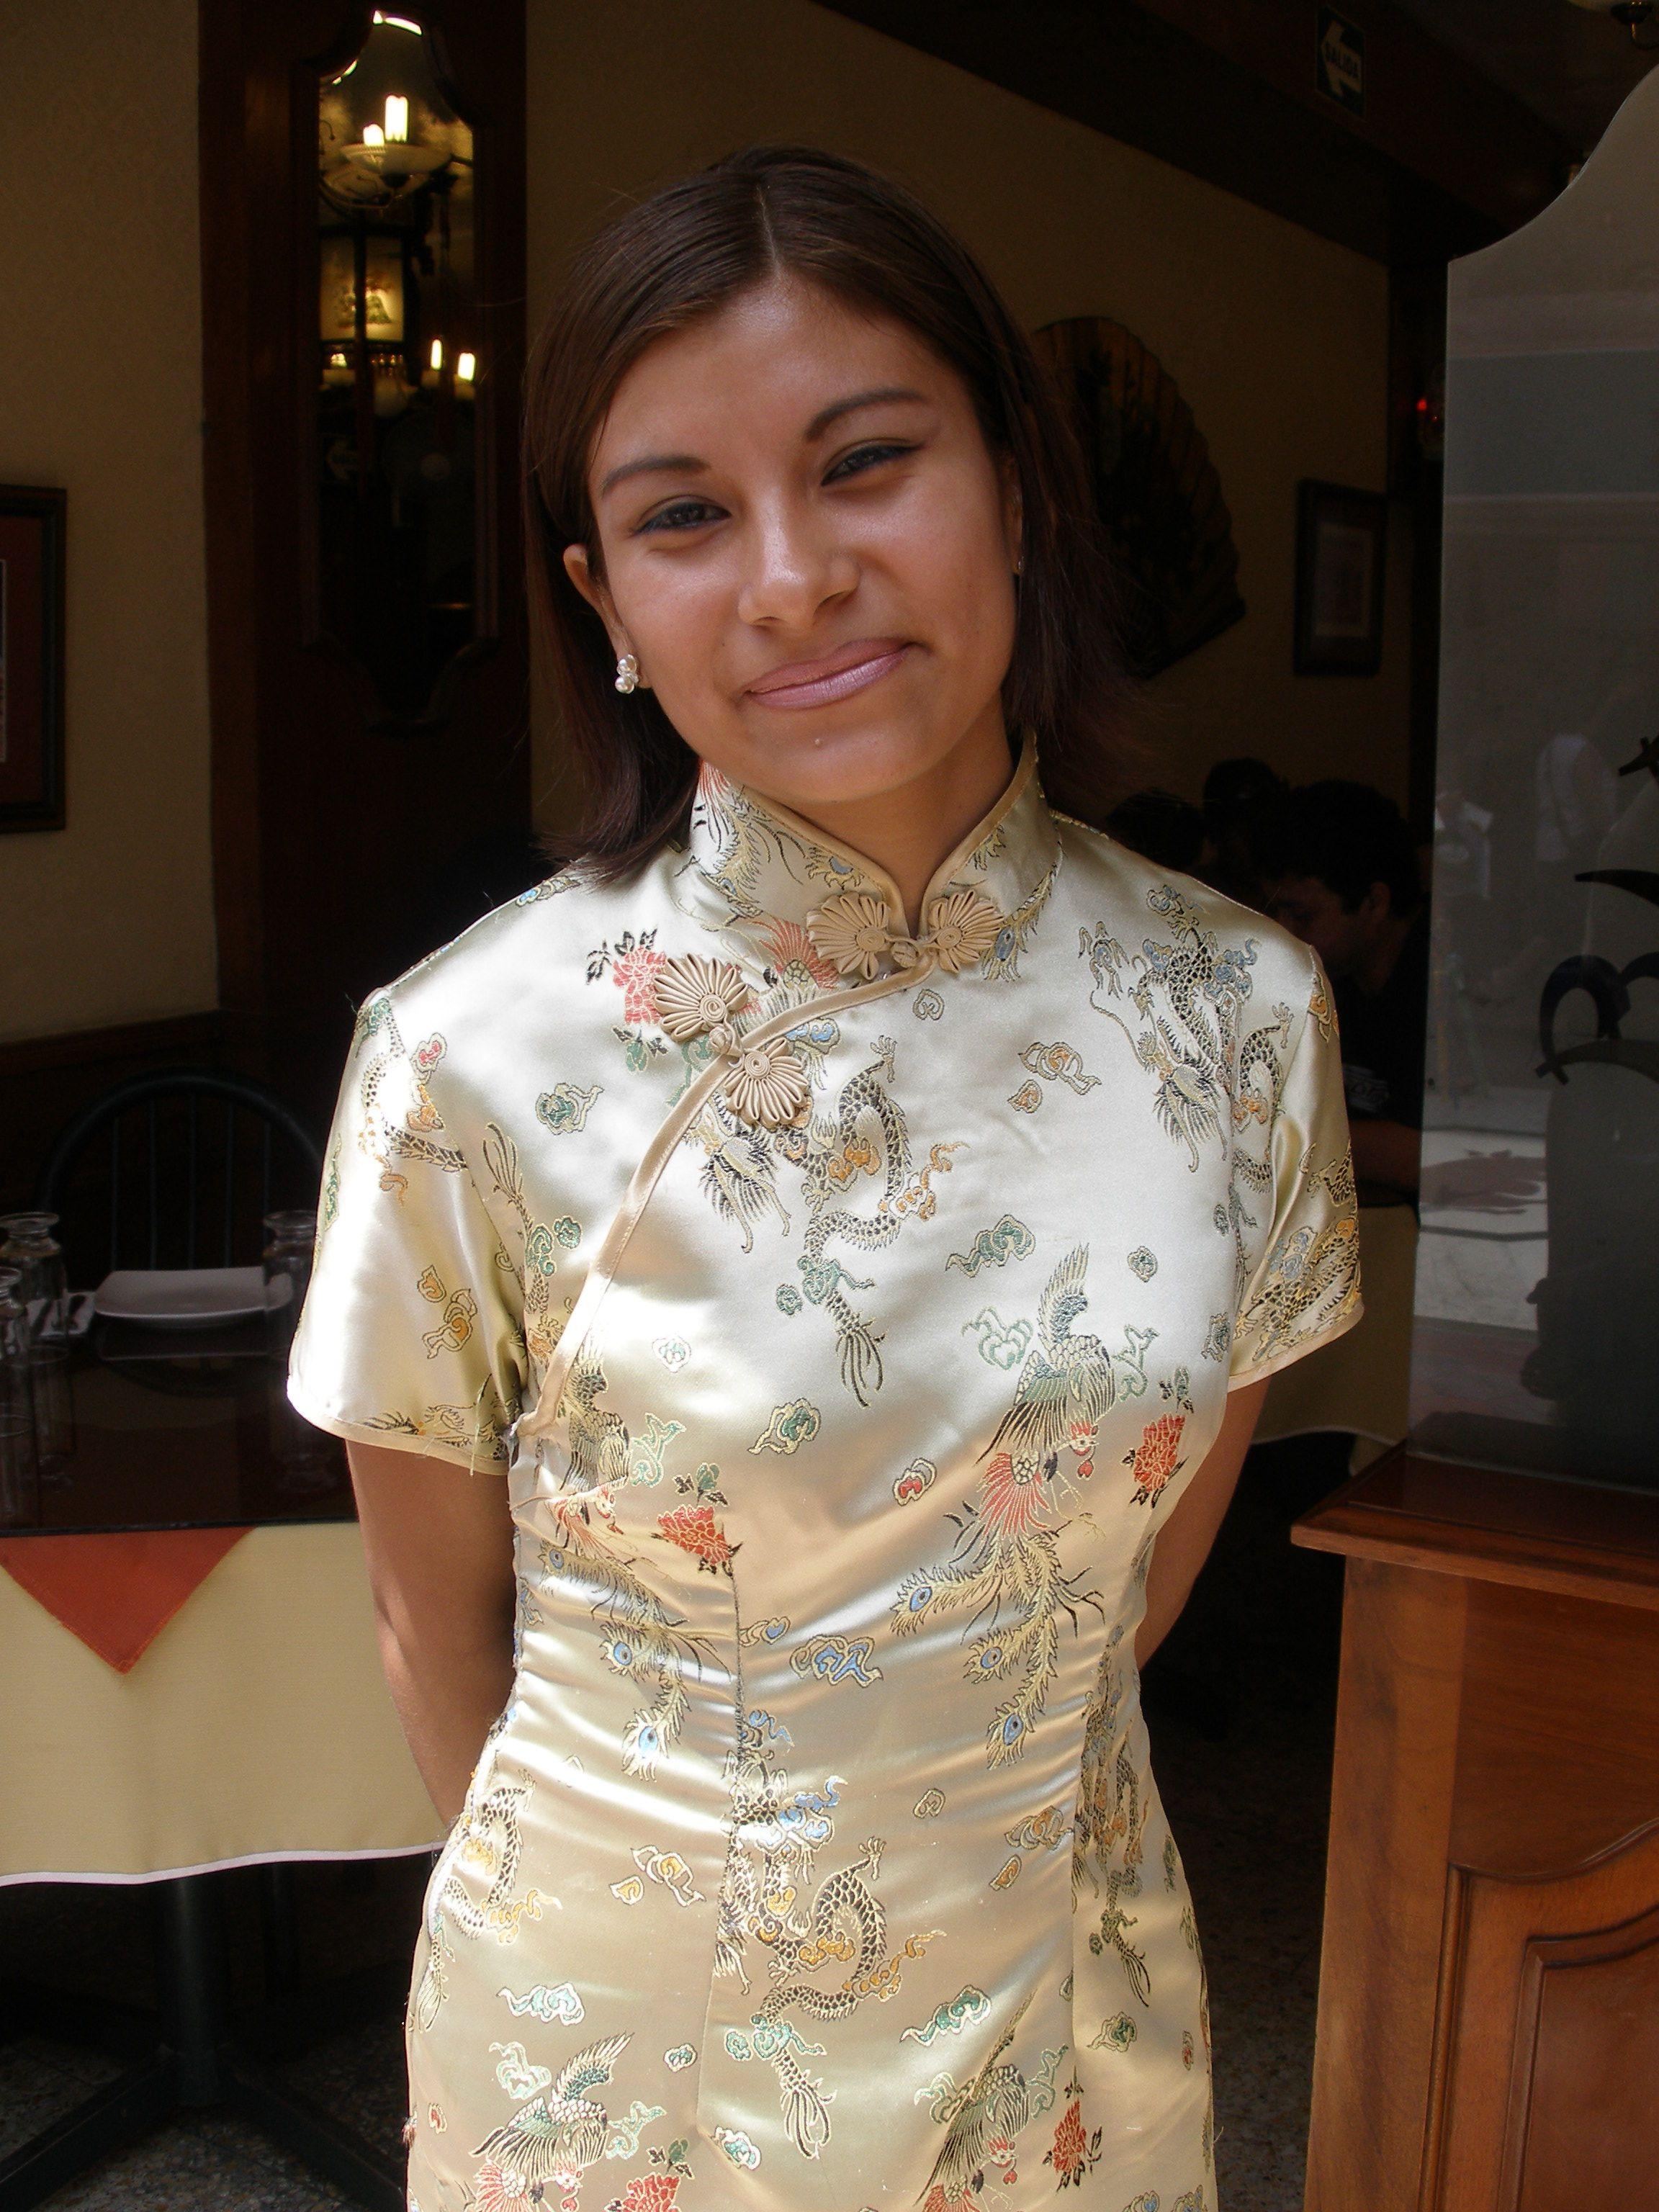 Peruvian Woman | Latin America | Pinterest | Peruvian ...